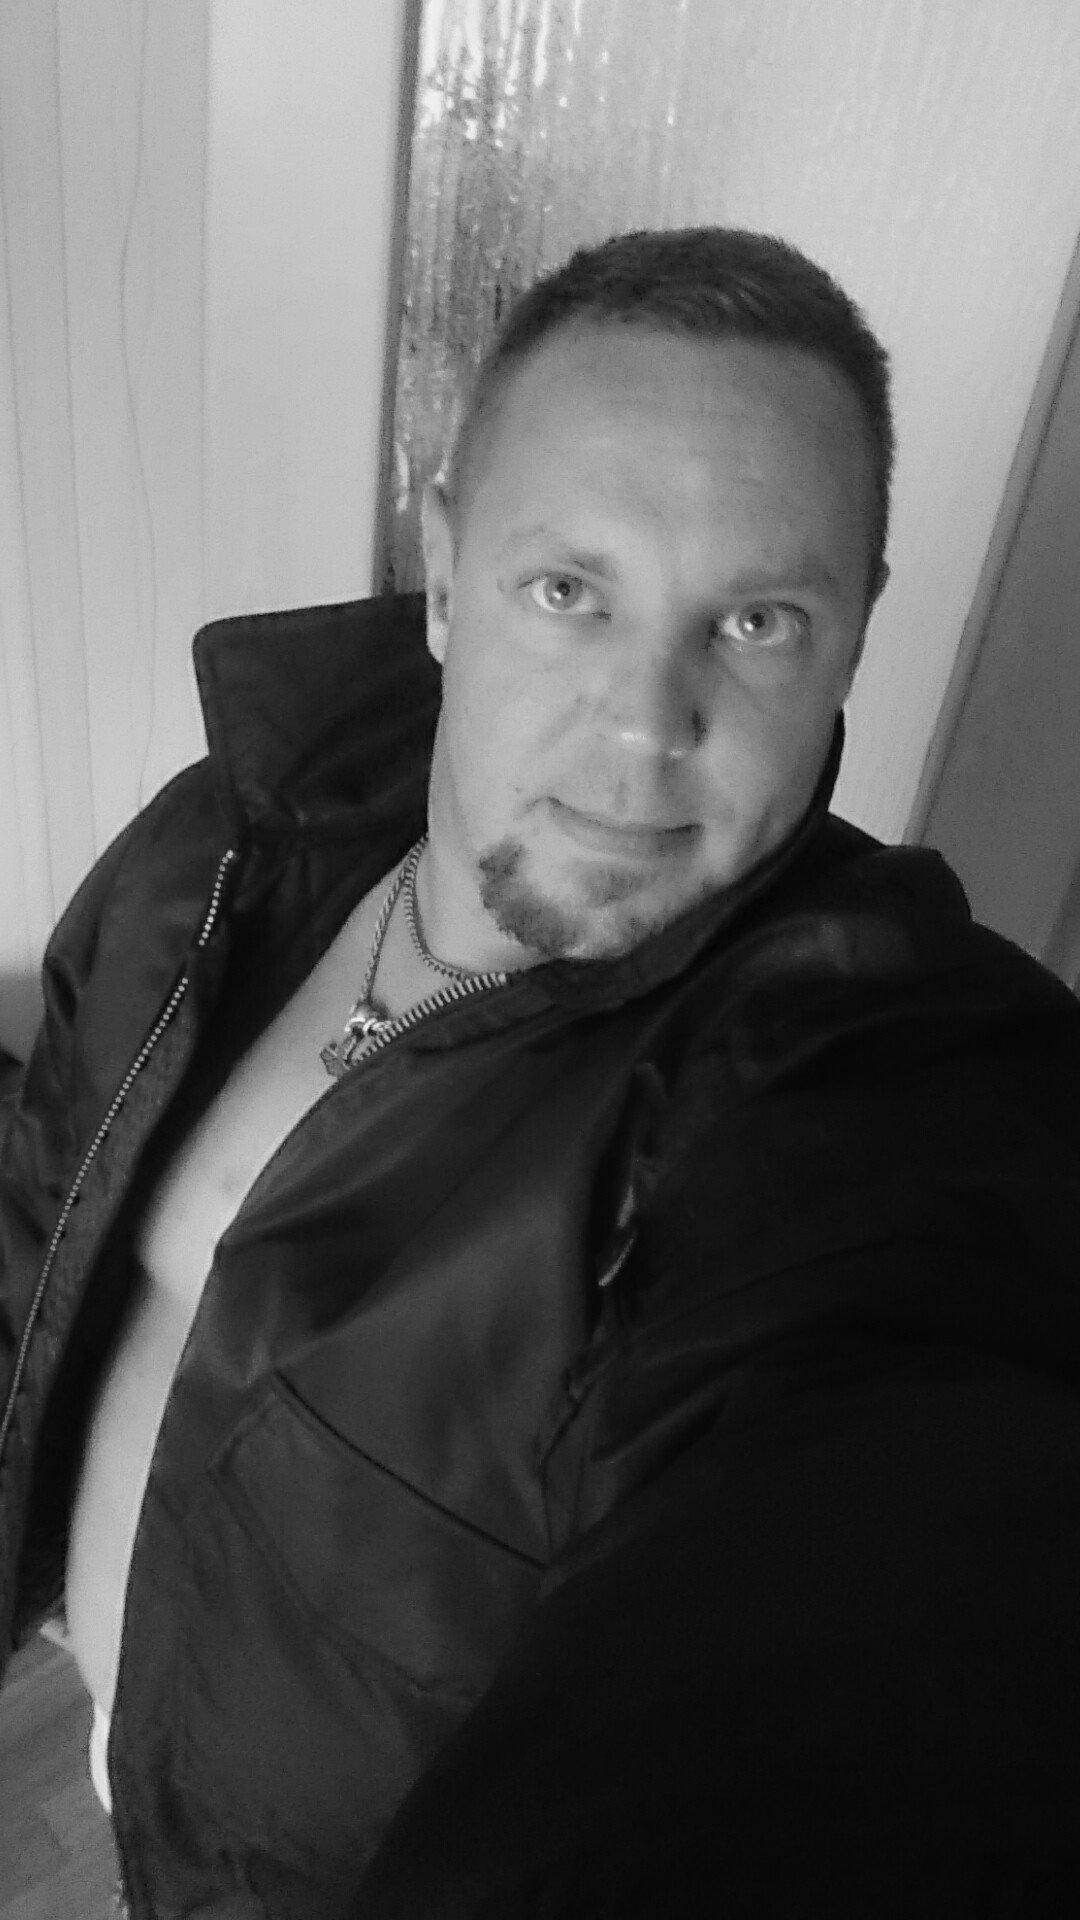 Chris2207 aus Sachsen-Anhalt,Deutschland